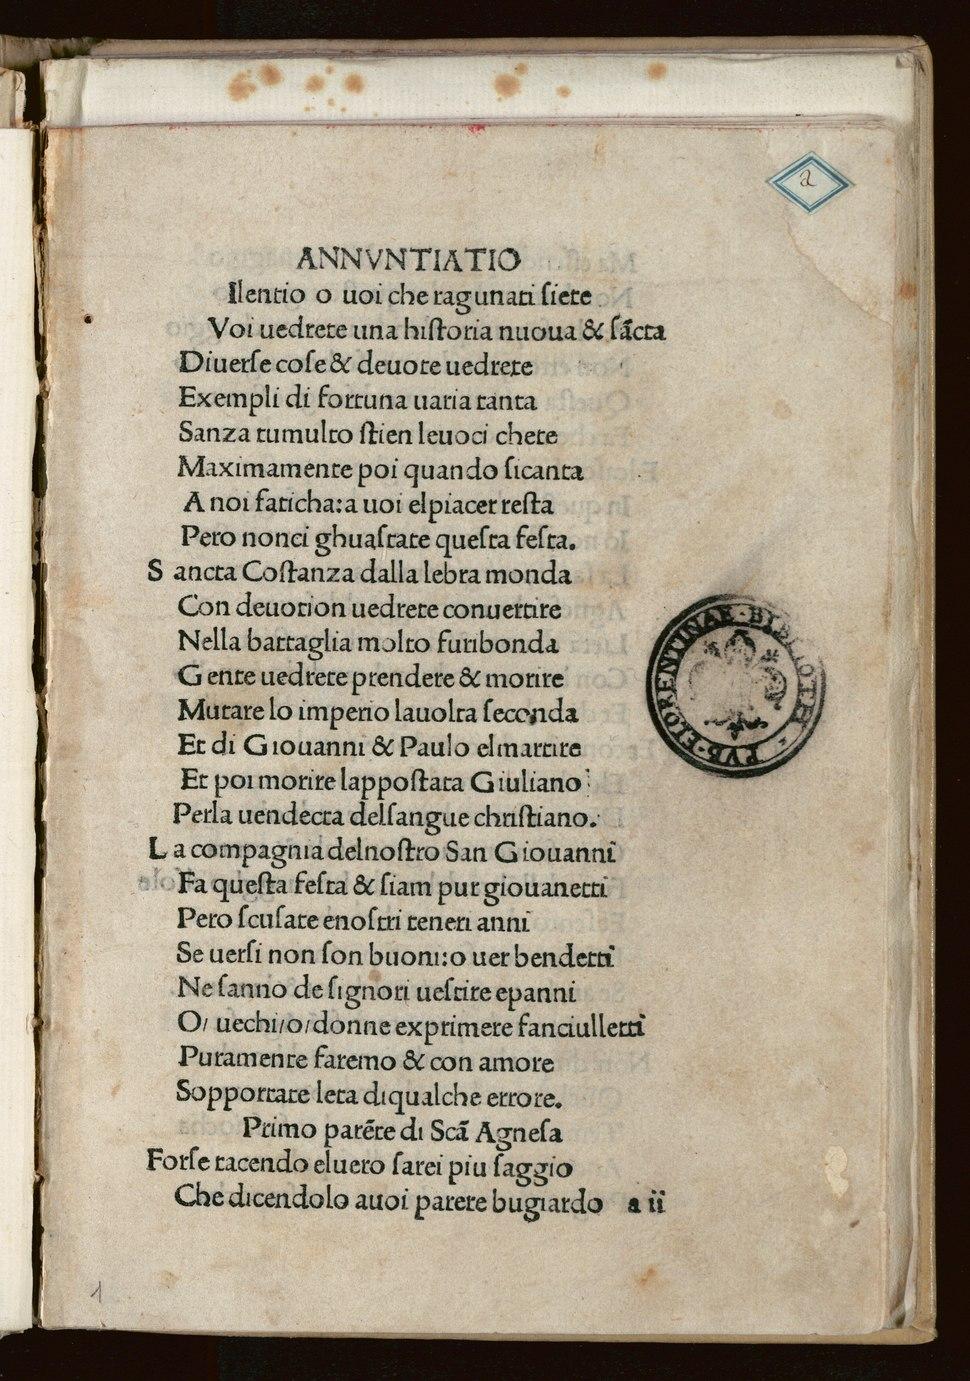 Medici - Rappresentazione dei santi Giovanni e Paolo, circa 1485 - 2411117 Scan00017